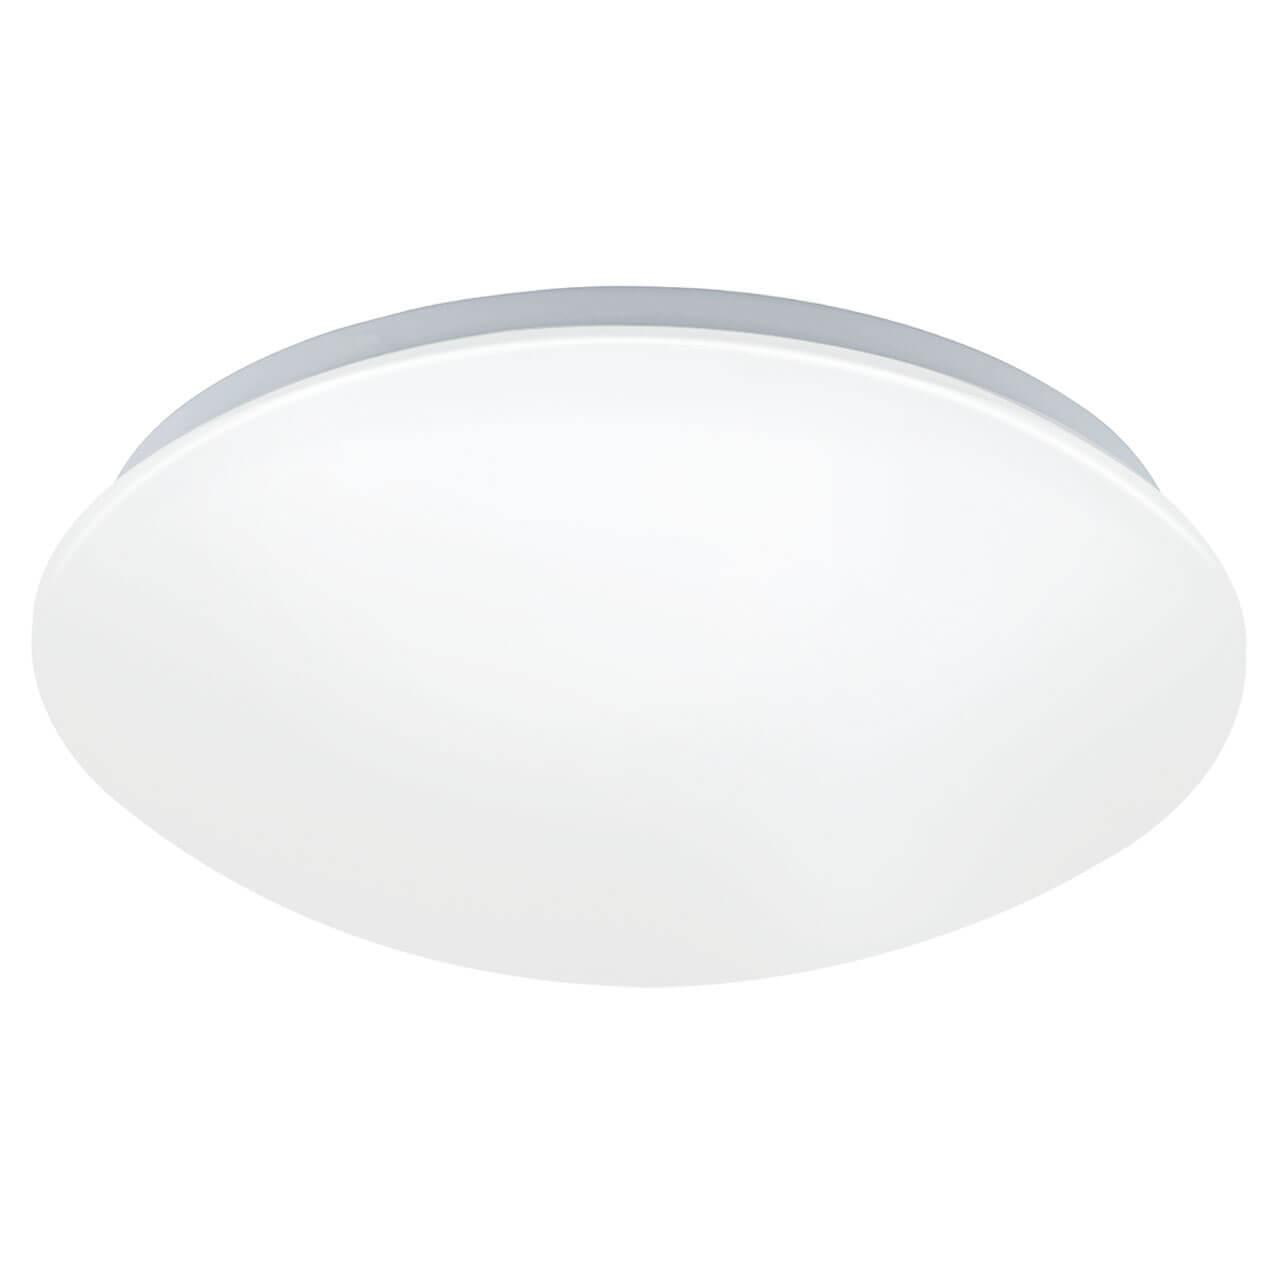 Потолочный светодиодный светильник Eglo Giron-C 32589 все цены